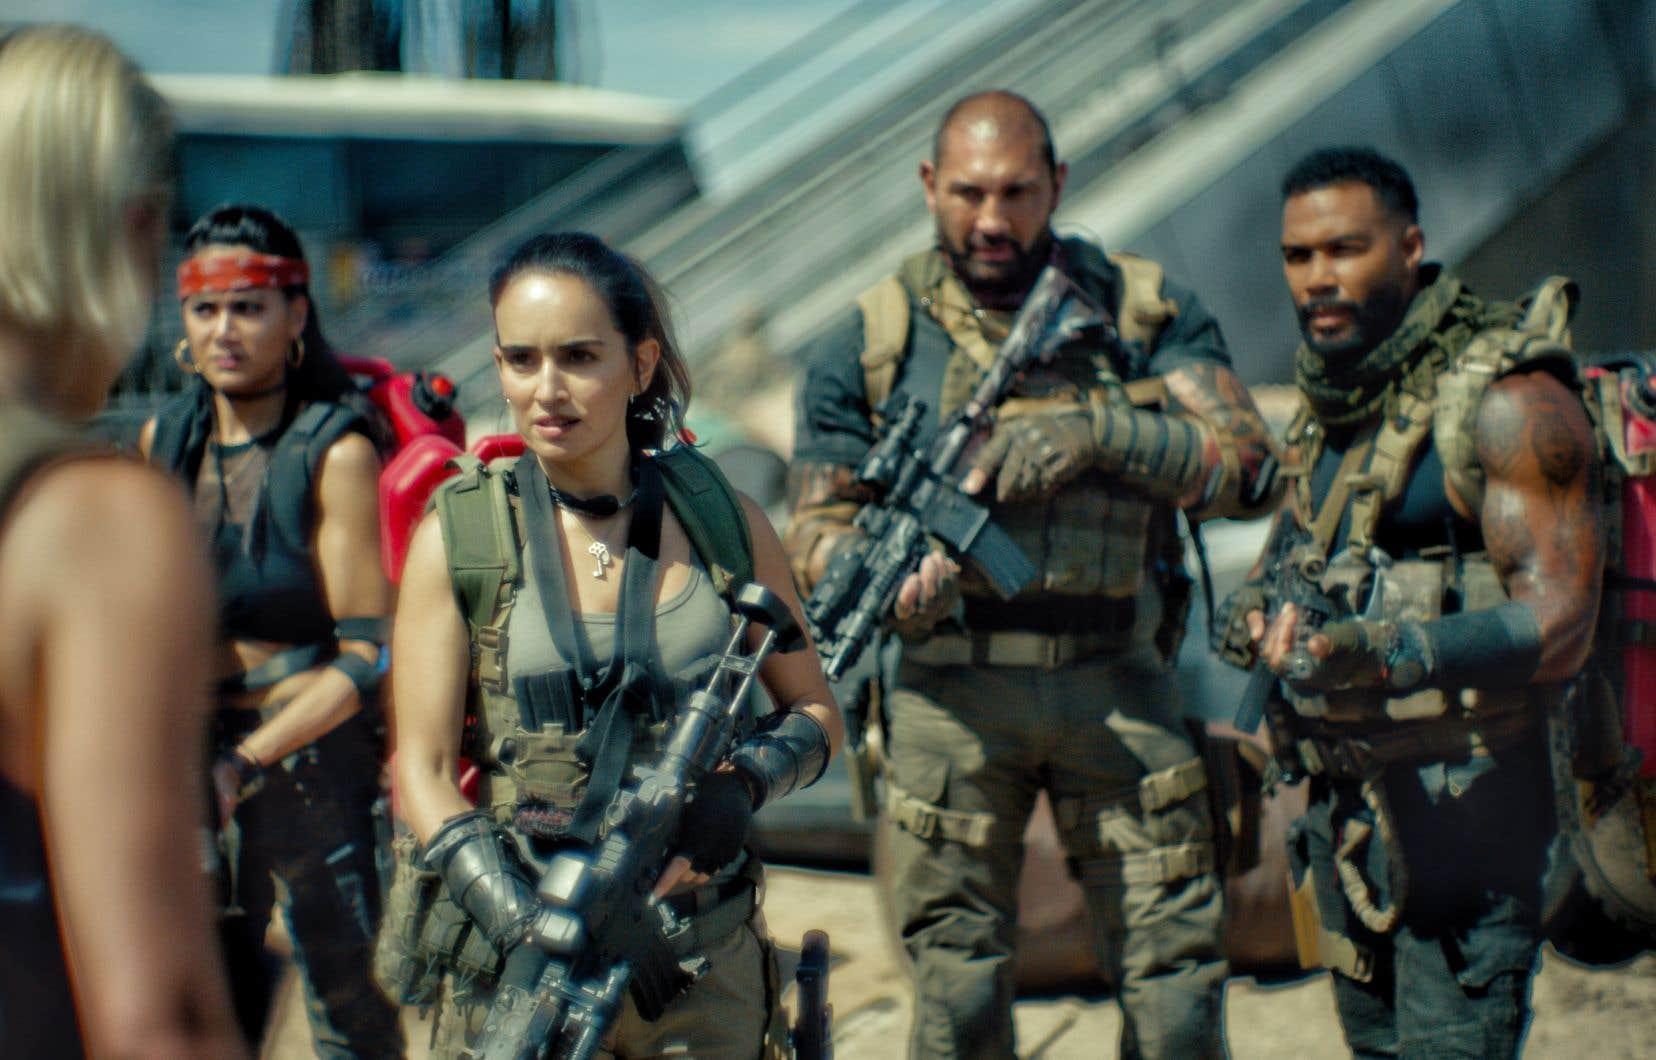 Un ancien soldat (Dave Bautista) et une bande de mercenaires dépareillés s'aventurent dans uneLas Vegas infectéeafin d'aller récupérer un magot qui dort dans un coffre-fort.